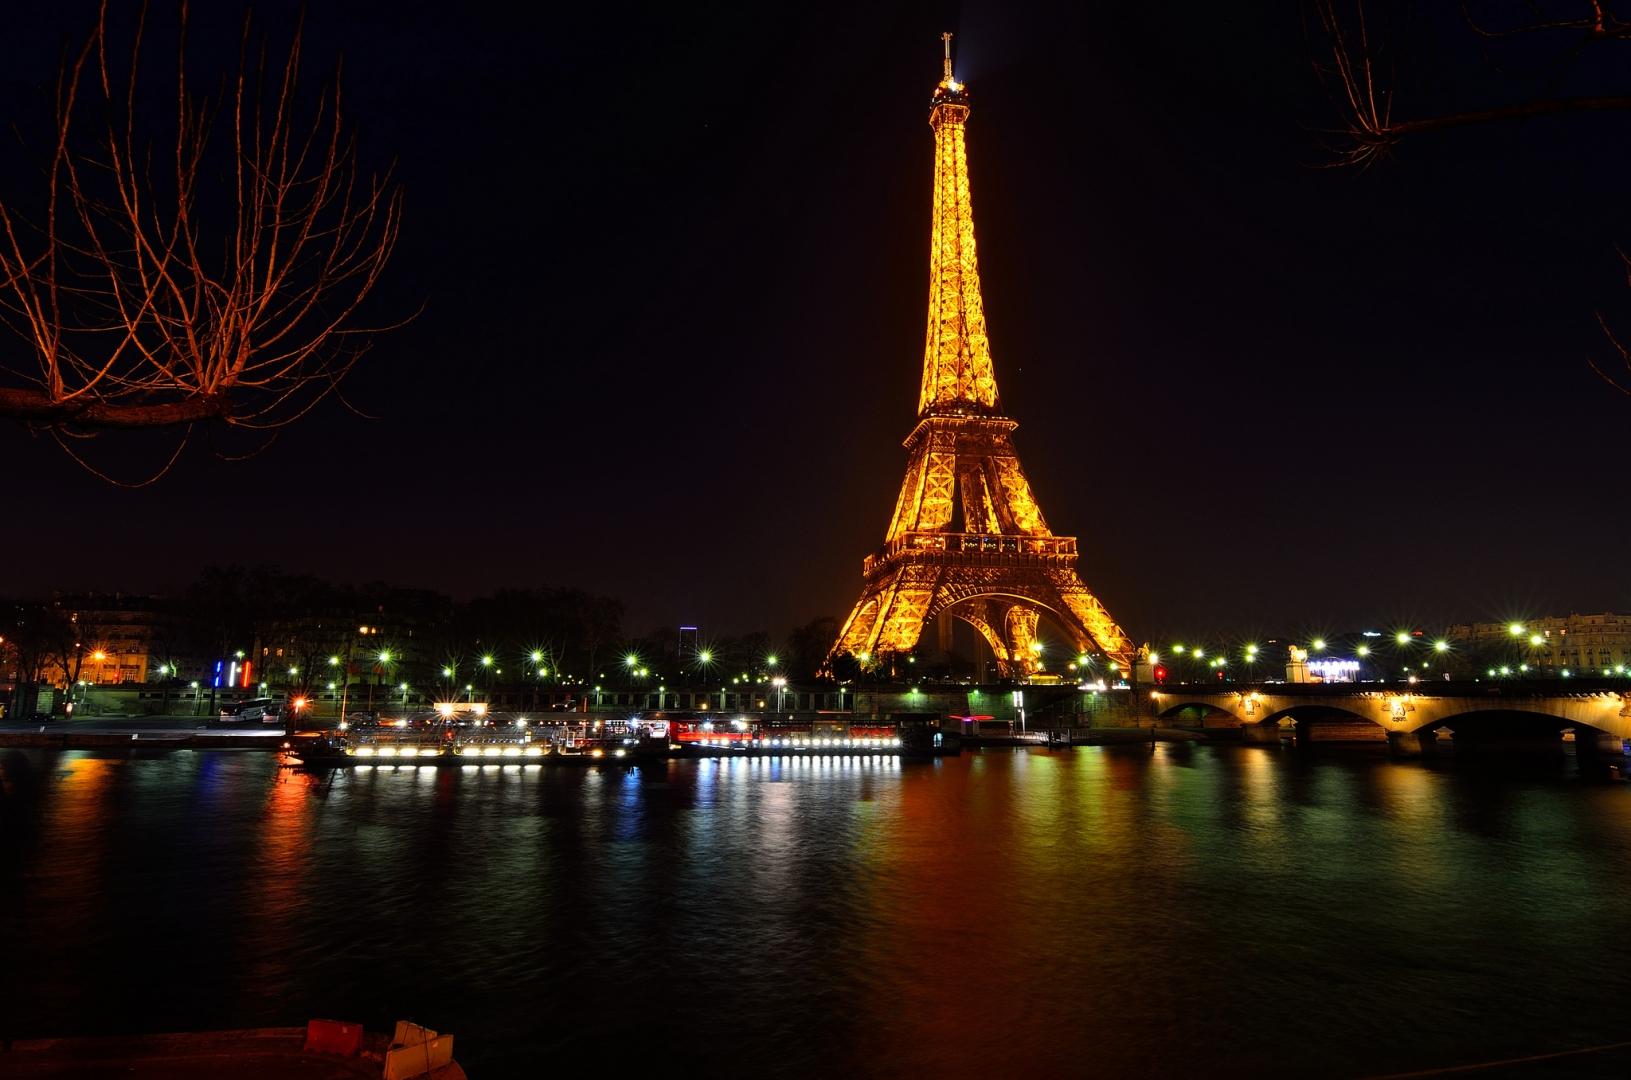 Hình ảnh tháp Eiffel hóa tác phẩm nghệ thuật ảo diệu qua ảnh